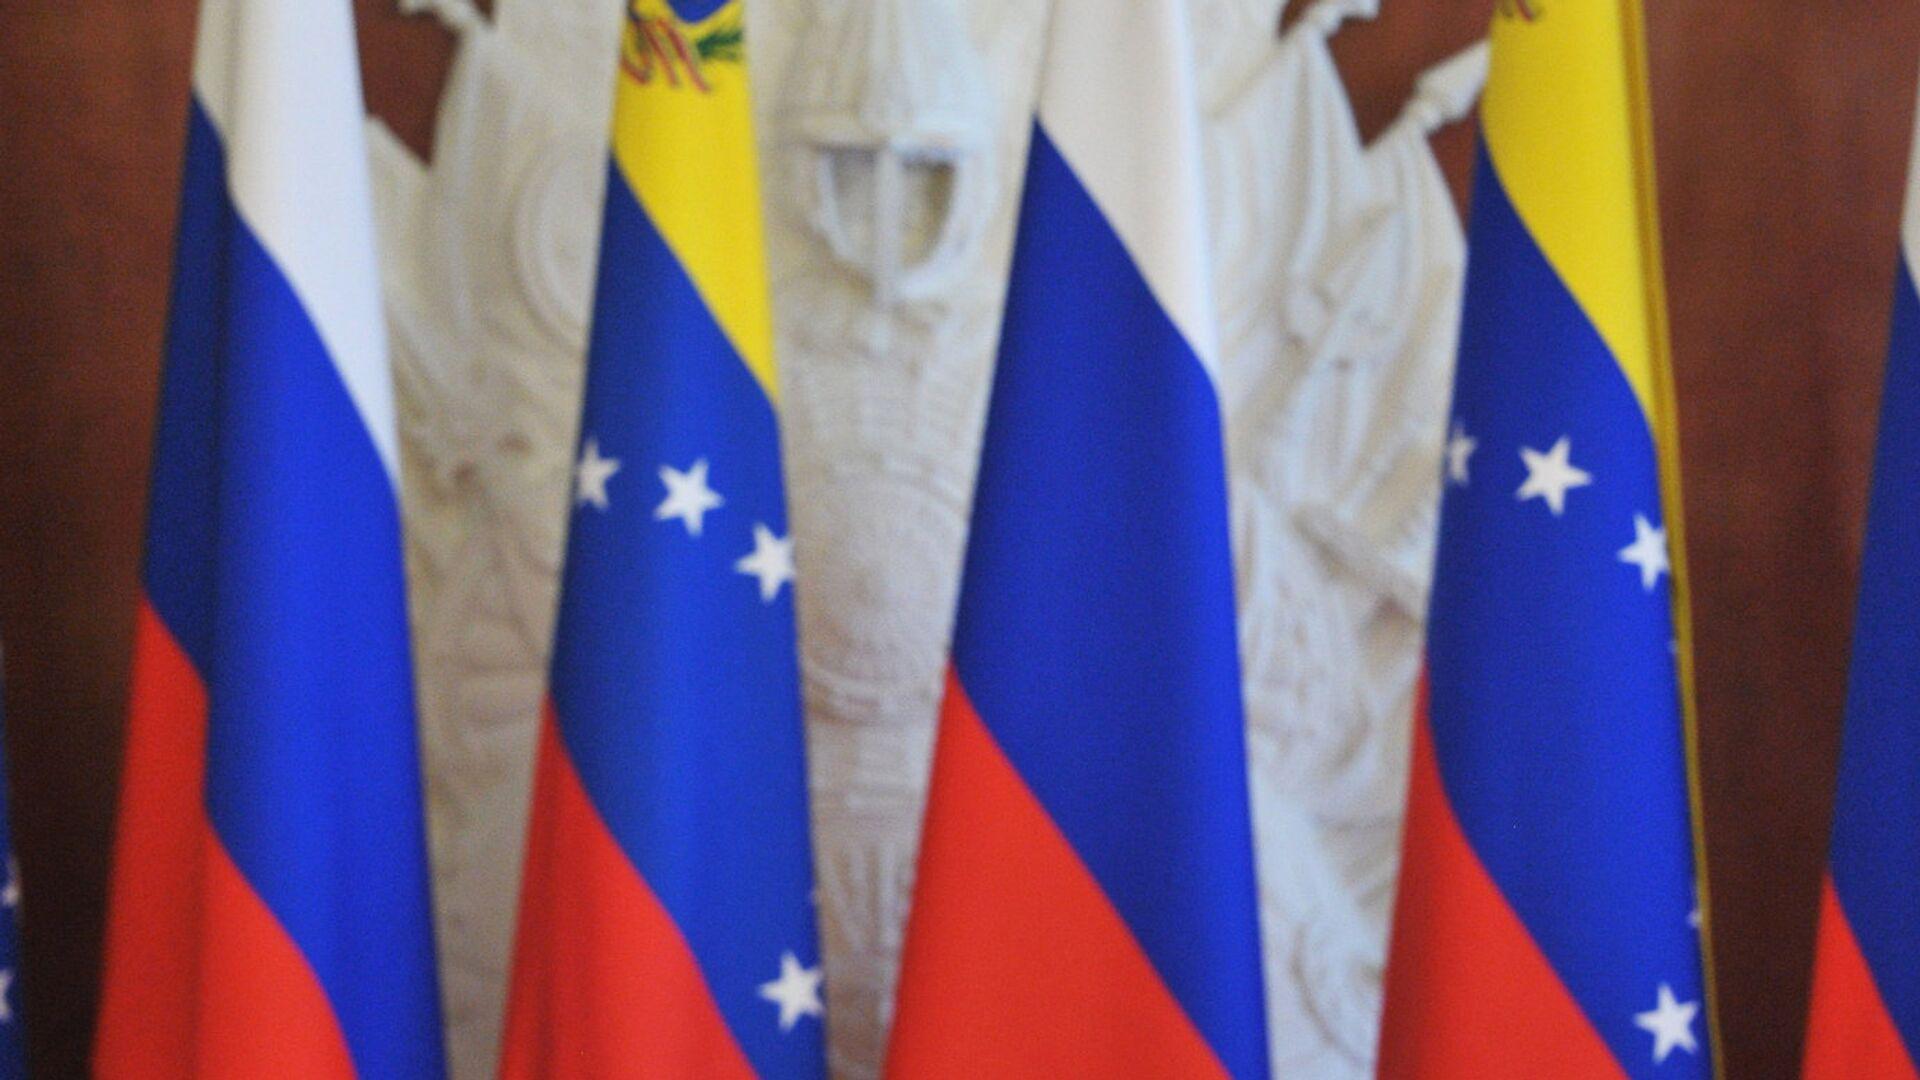 Las banderas de Rusia y Venezuela - Sputnik Mundo, 1920, 31.03.2021